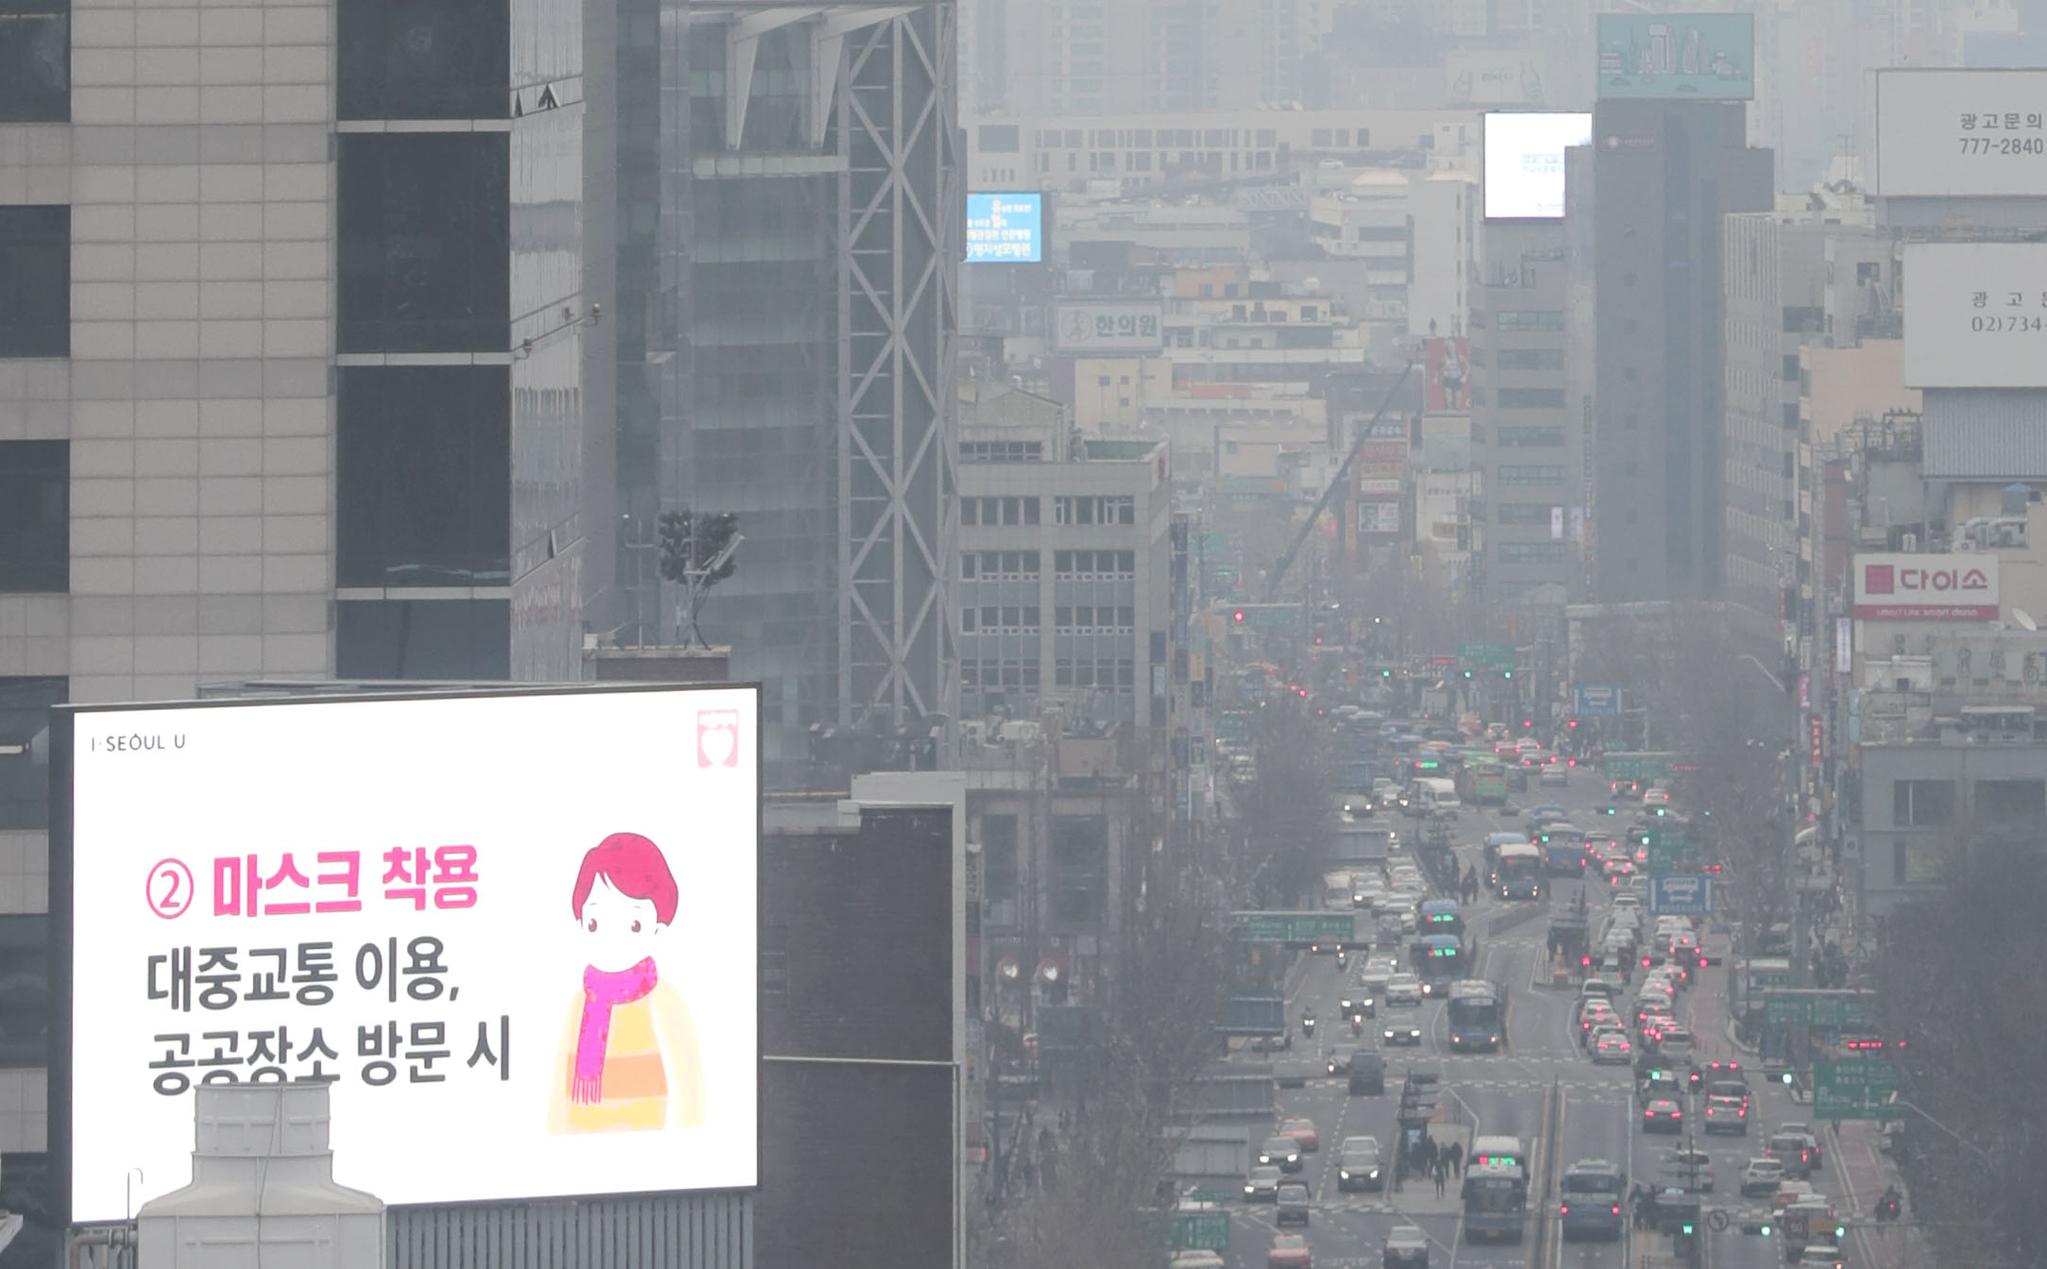 지난 21일 오후 서울 종로에서 코로나19 관련 전광판 뒤로 시내가 뿌옇게 보이고 있다. 연합뉴스